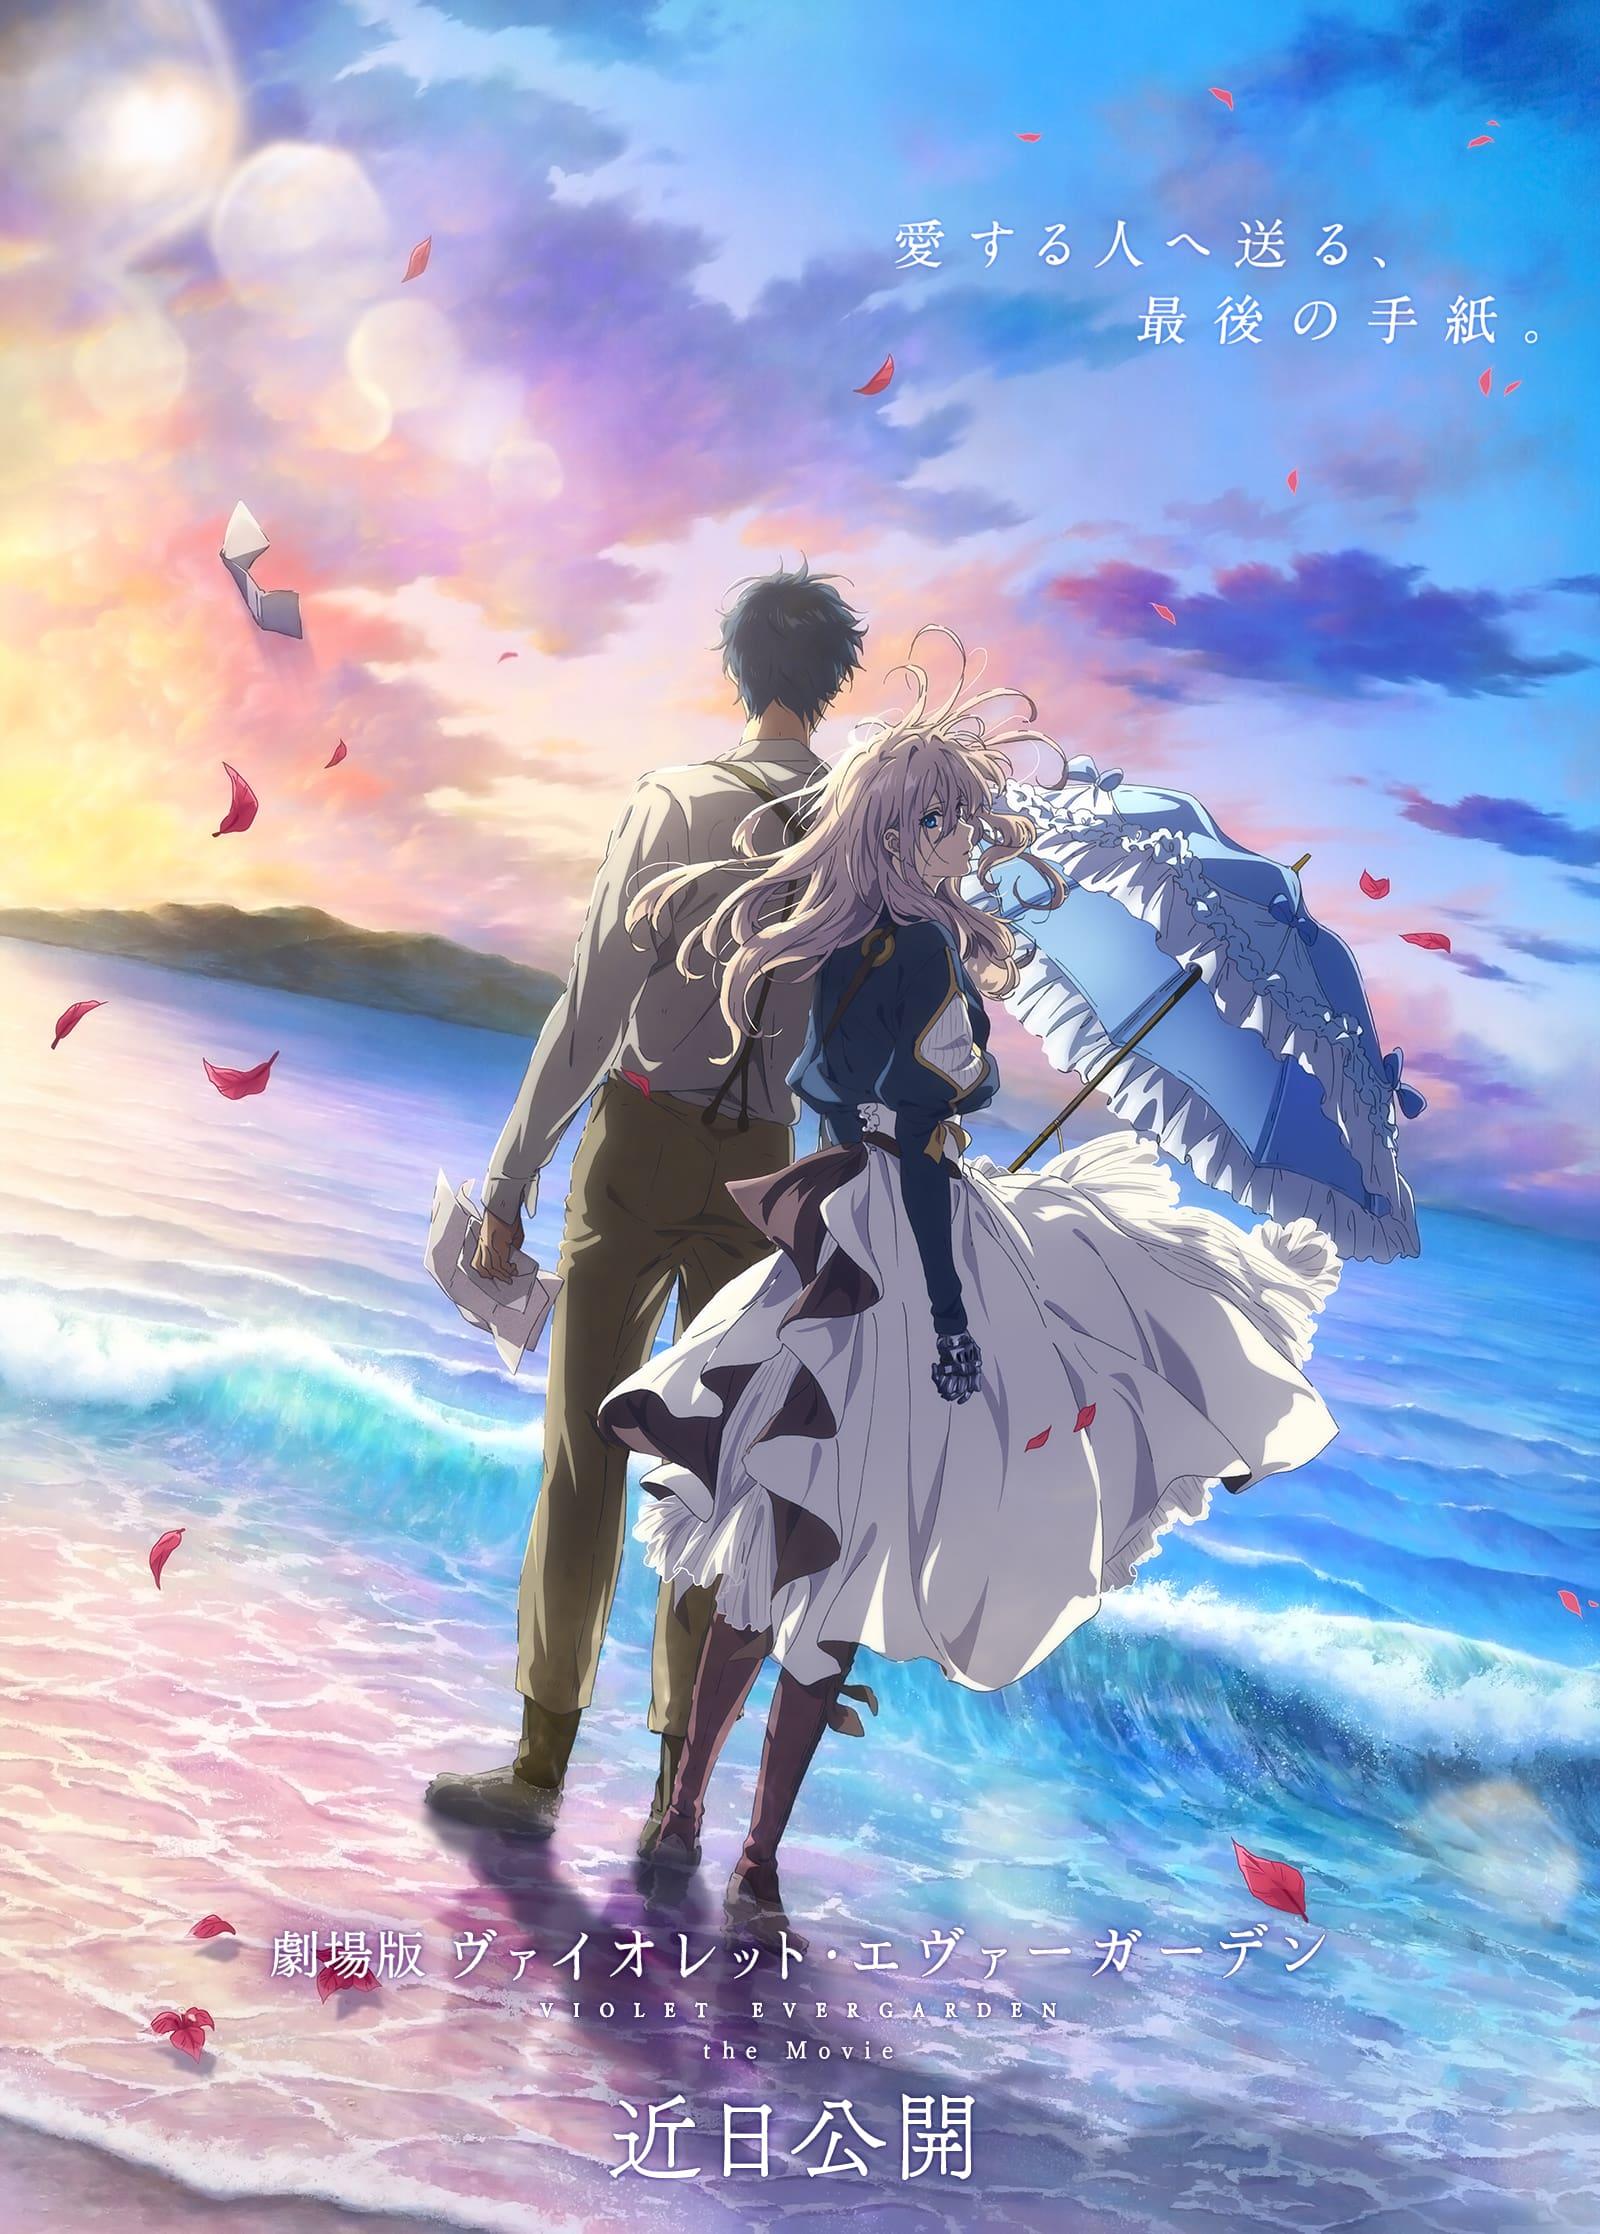 Violet Evergarden Film Affiche